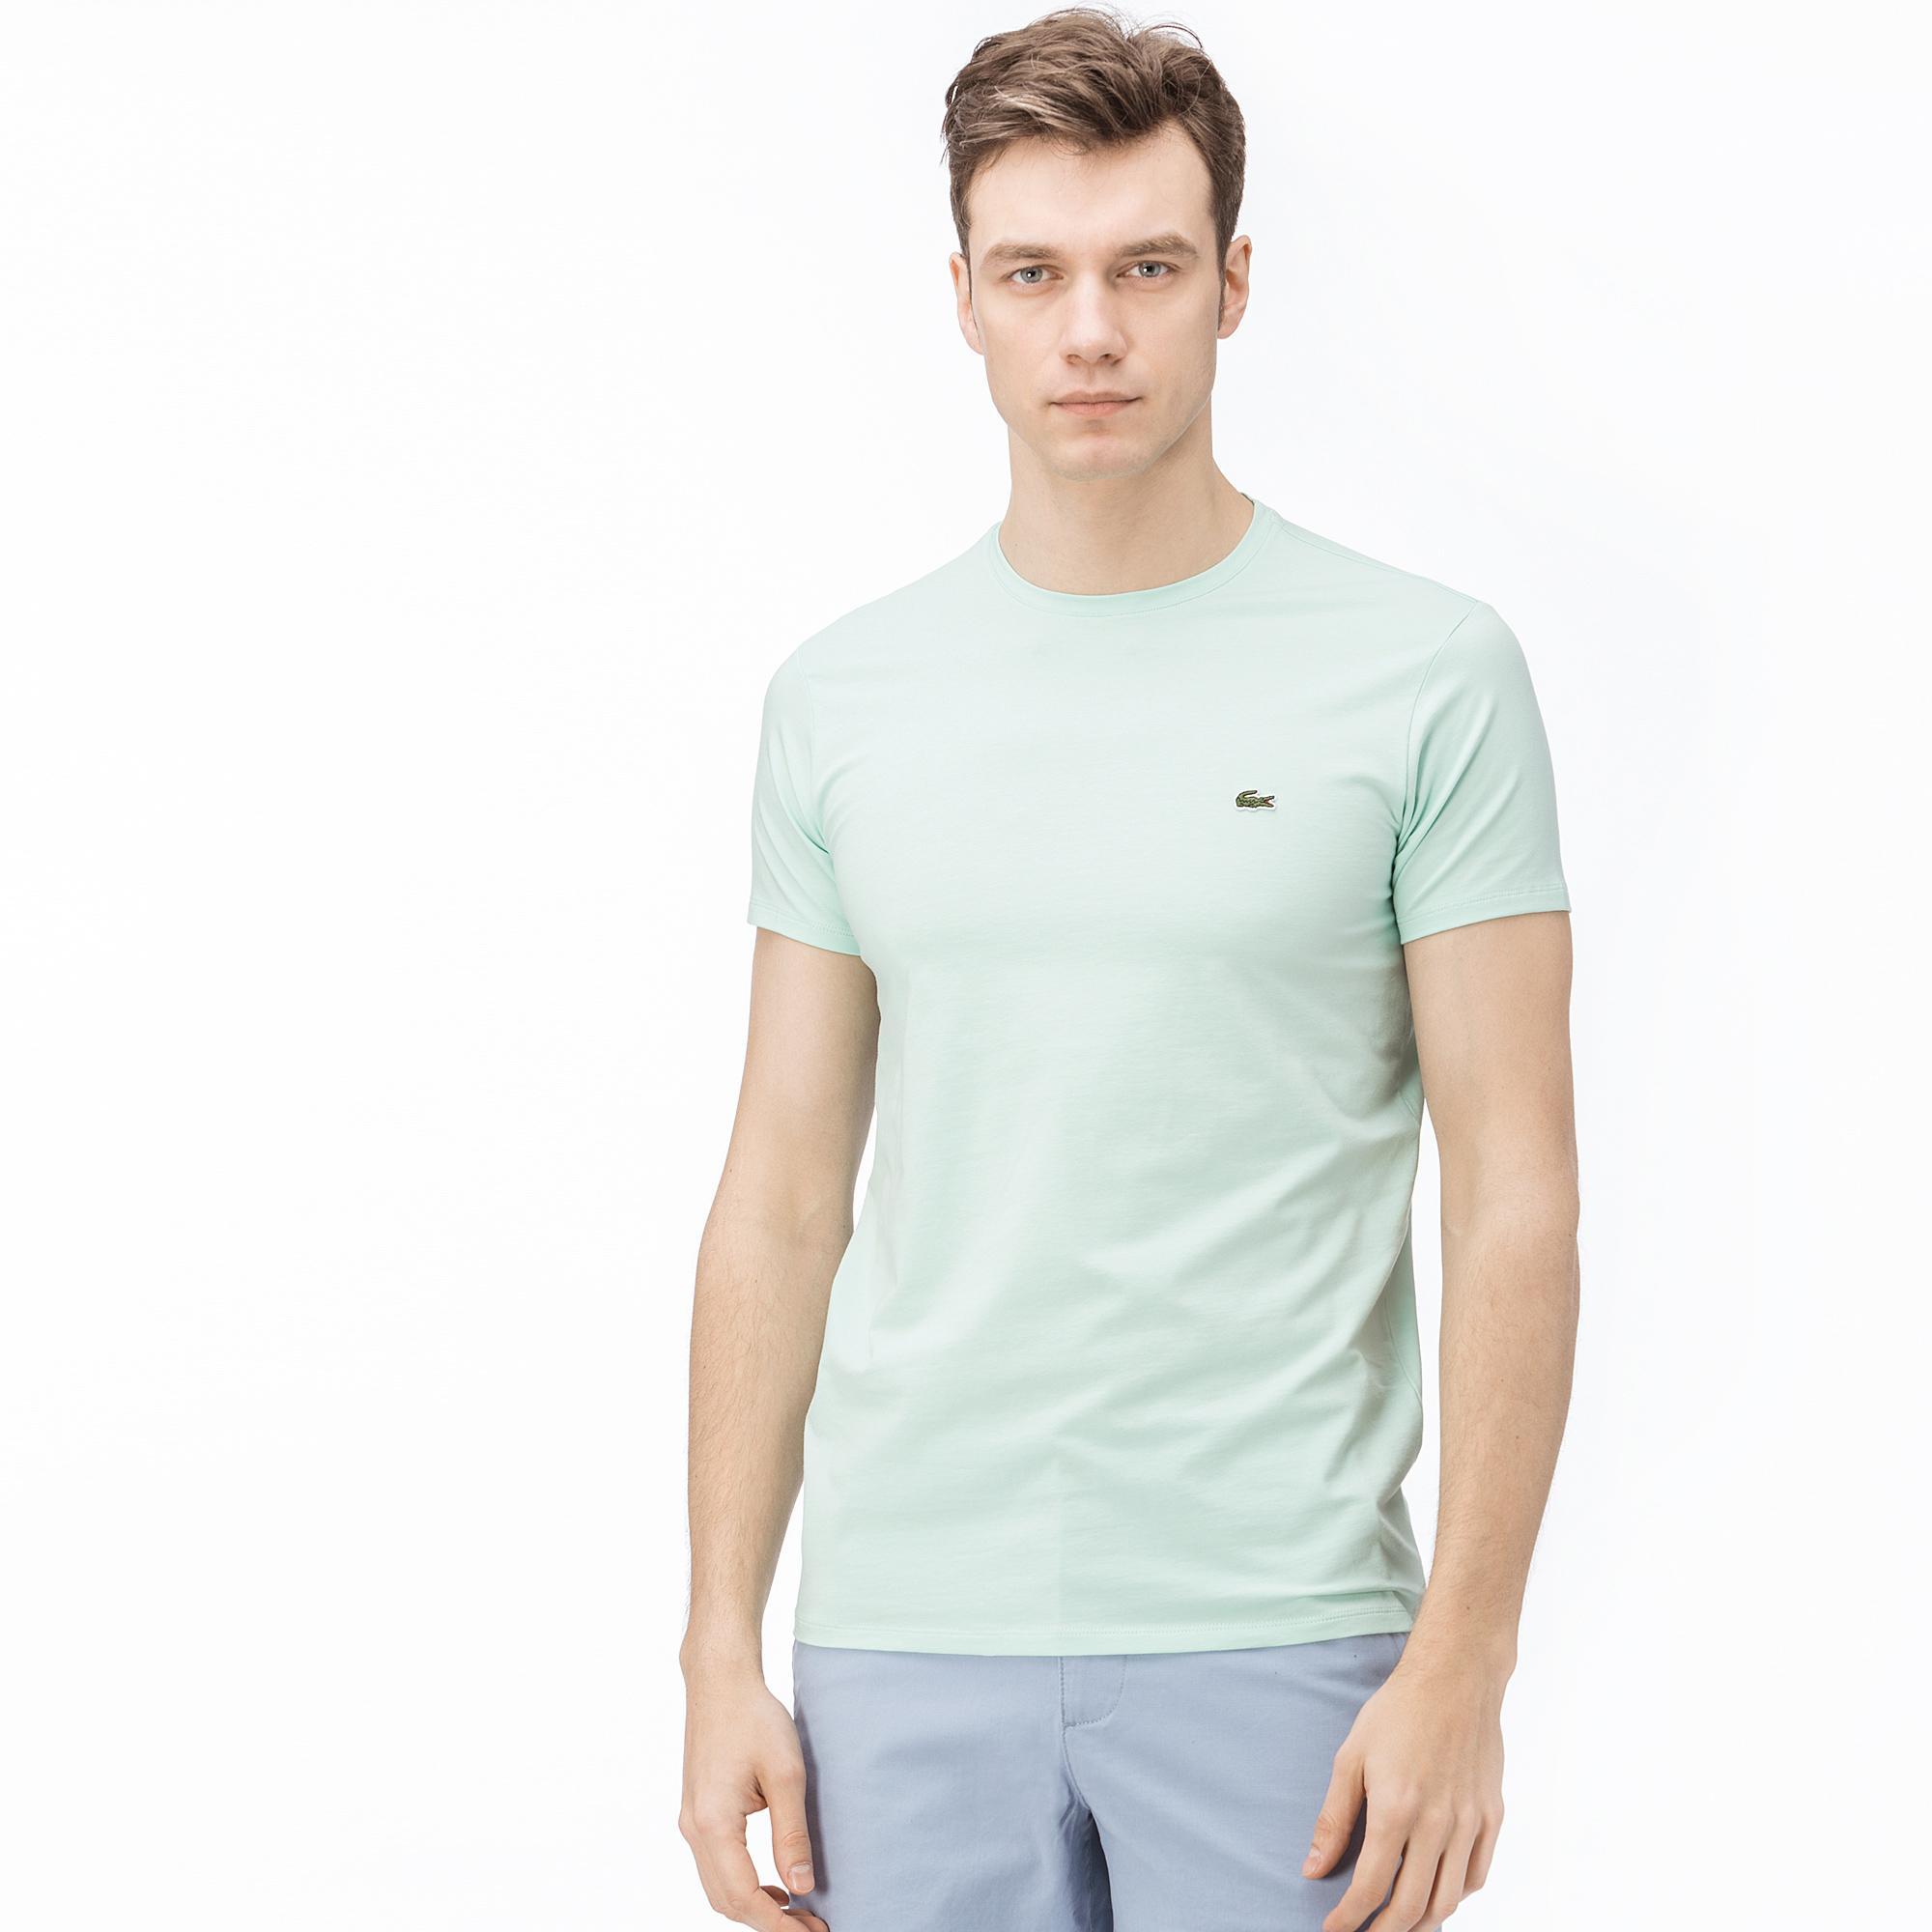 Lacoste T-Shirt Męski Z Okrągłym Wycięciem Pod Szyją